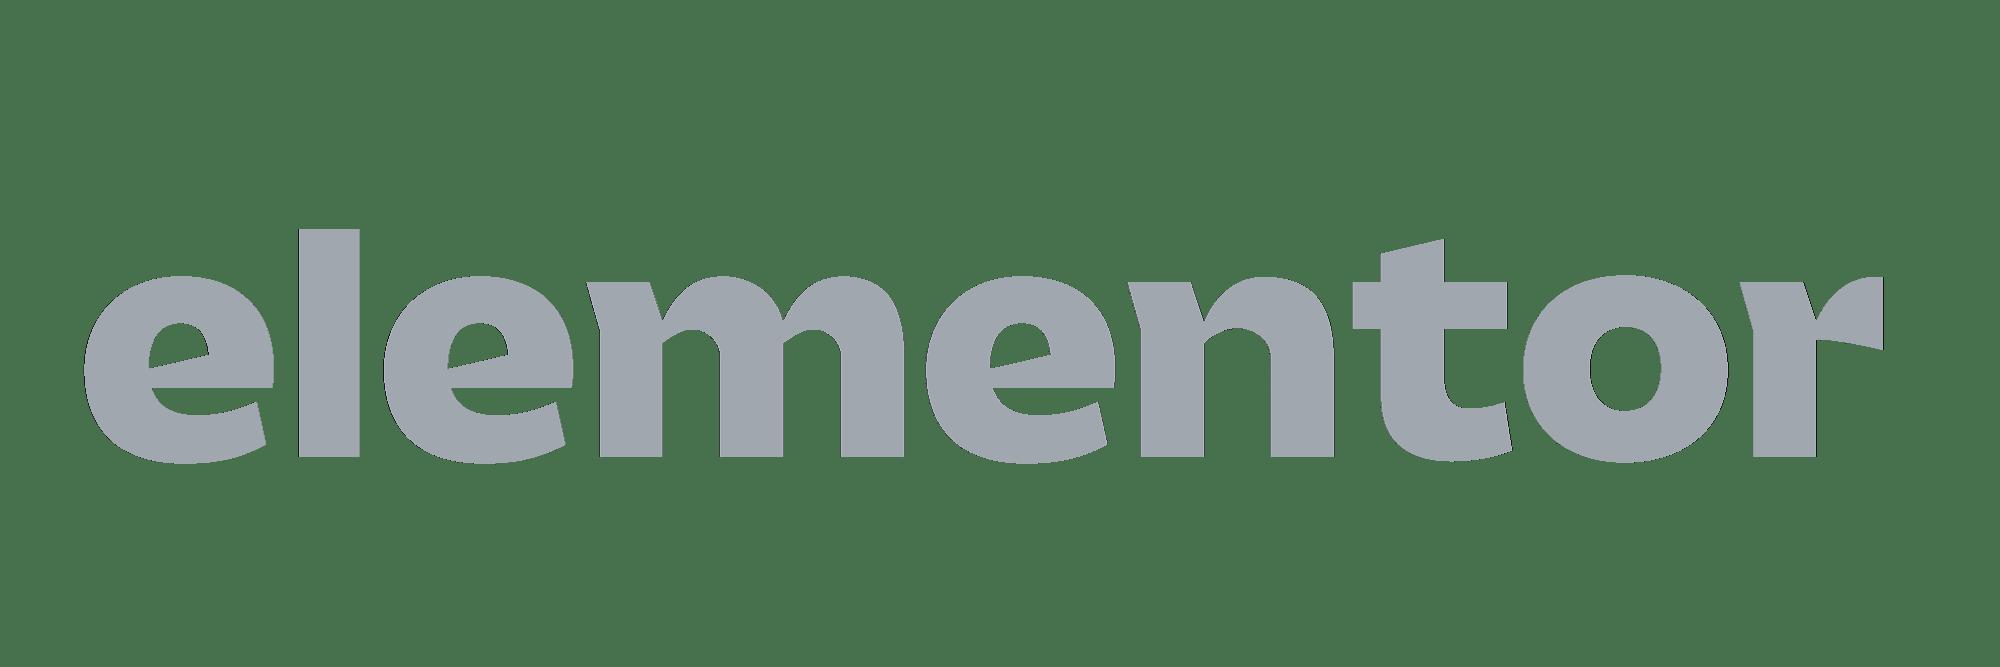 Elementor-Logo-Page-Builder-WPism